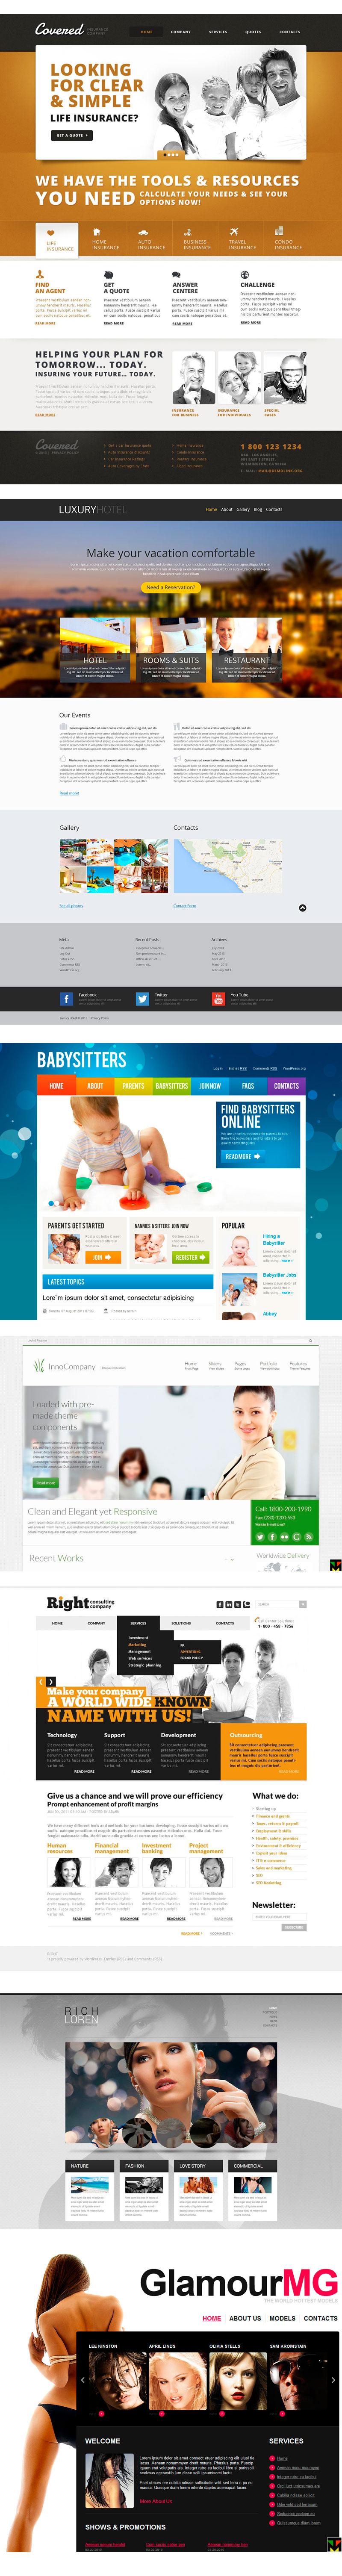 Где заказать изготовление качественного персонального или корпоративного сайта в Клайпеде, Каунасе, Вильнюсе